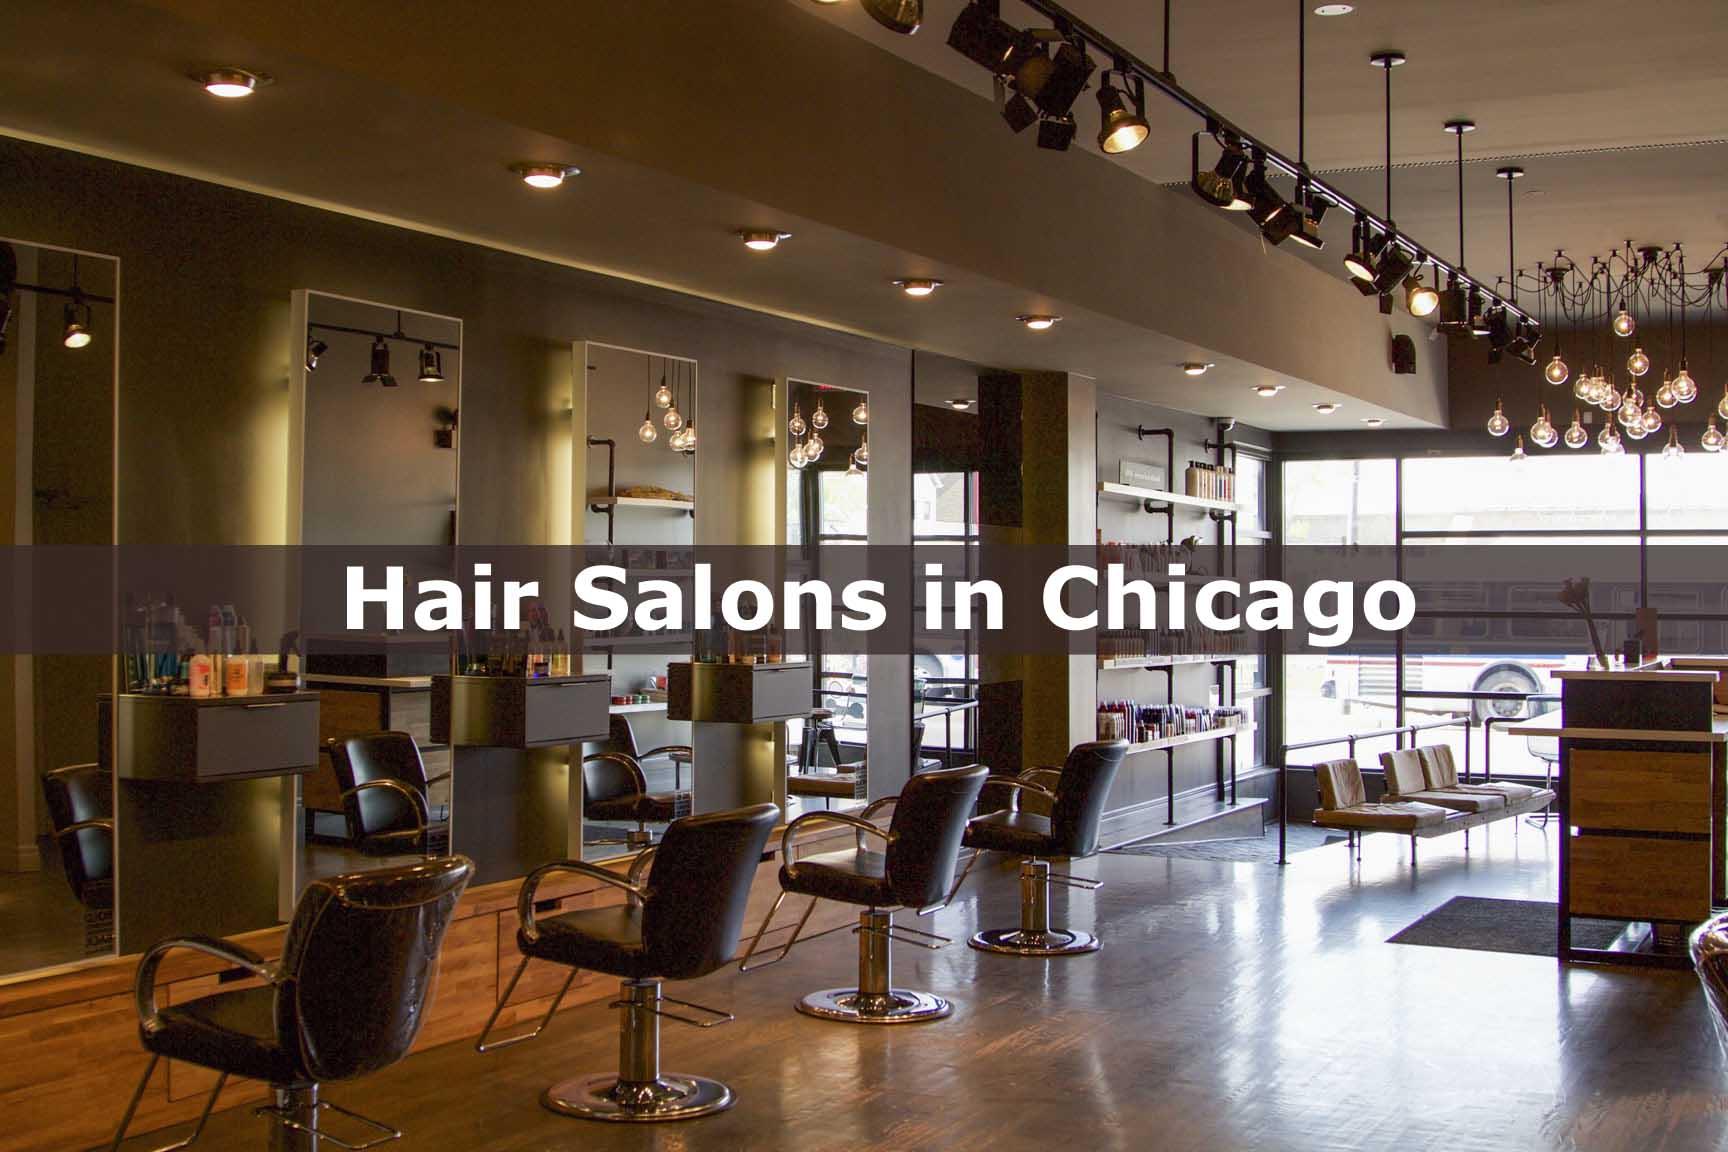 Best Hair Salons in Chicago